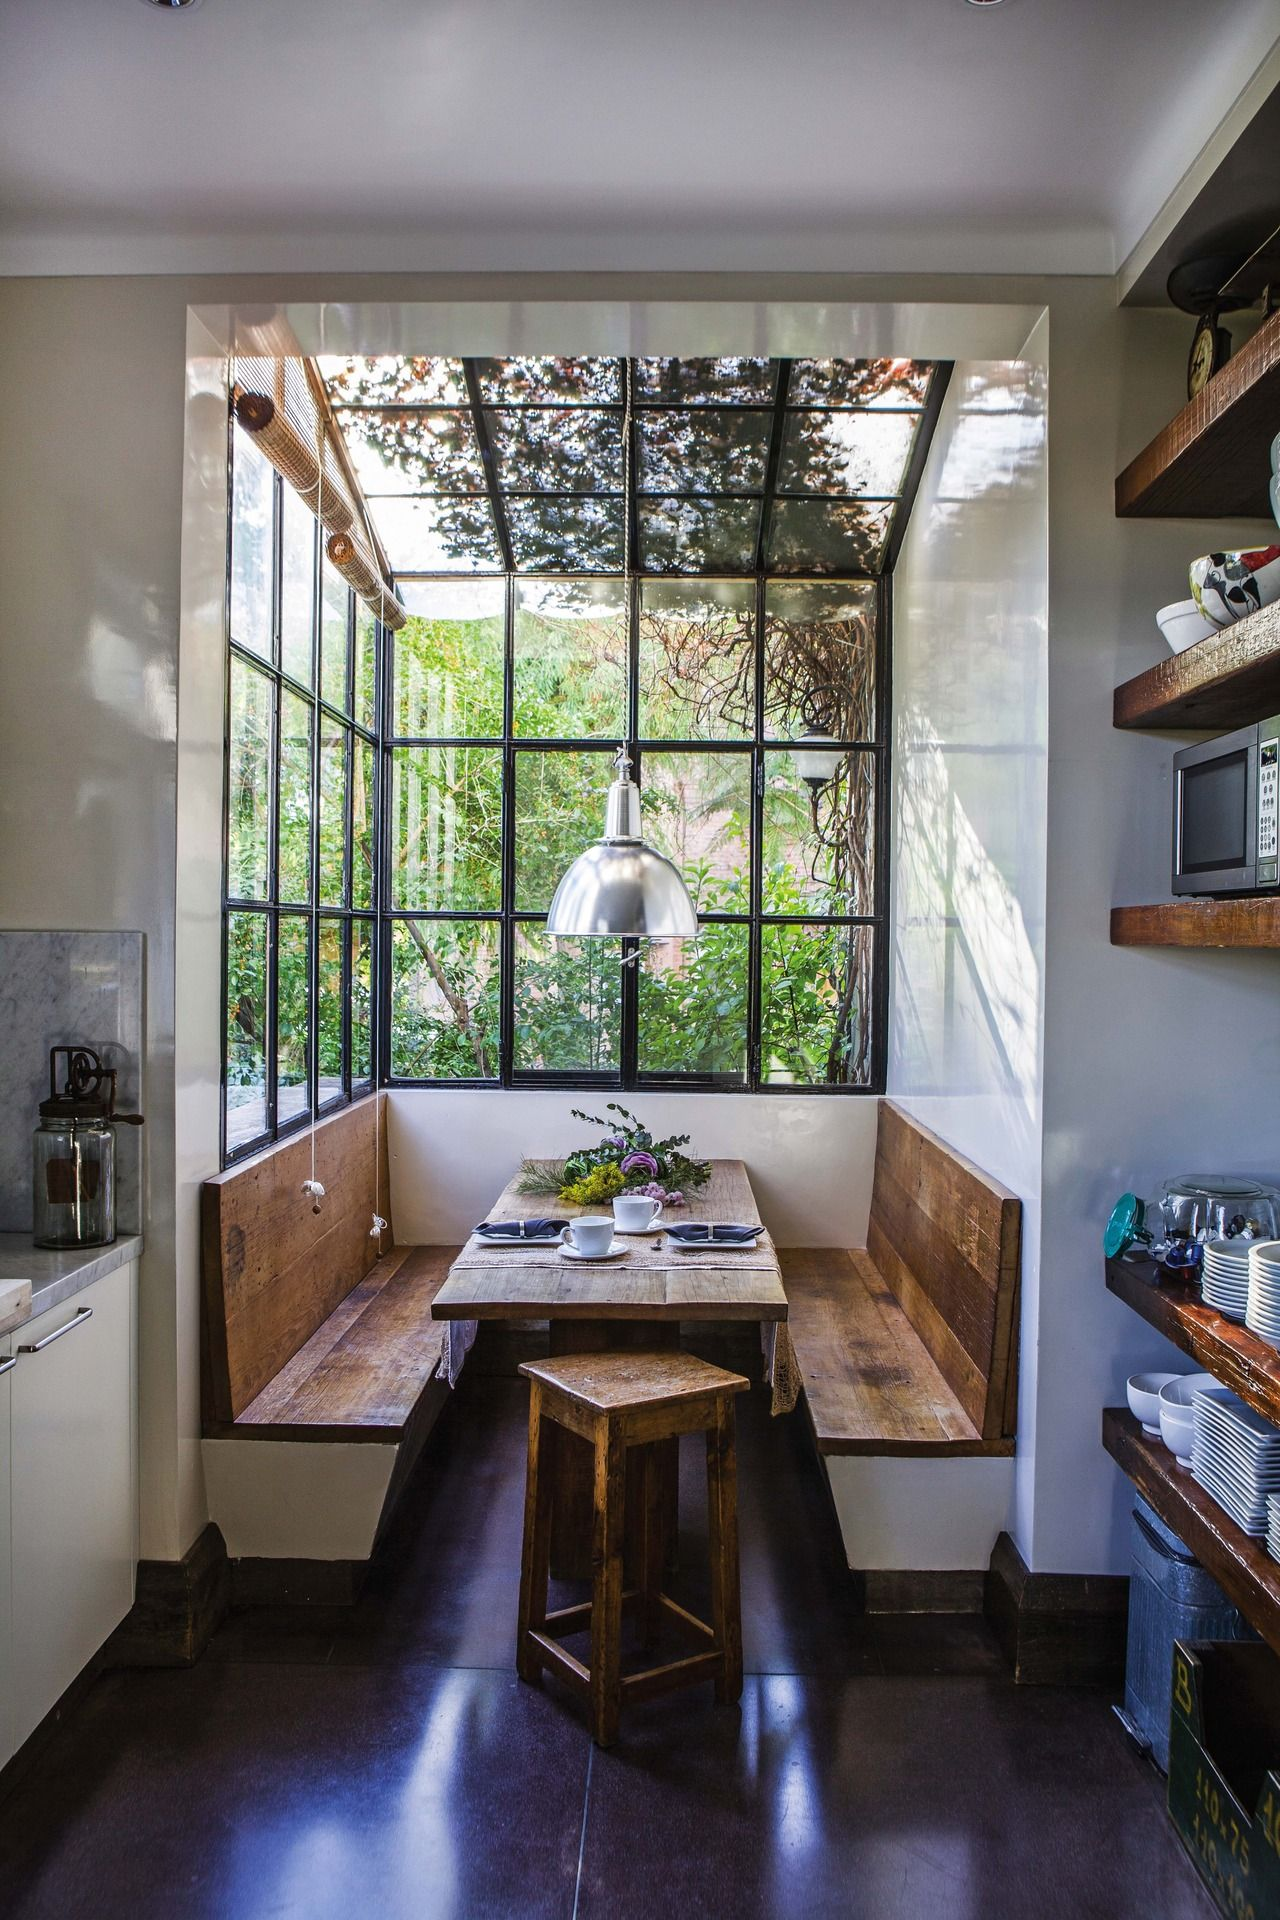 El comedor diario de esta casa en talar está integrado a la cocina y